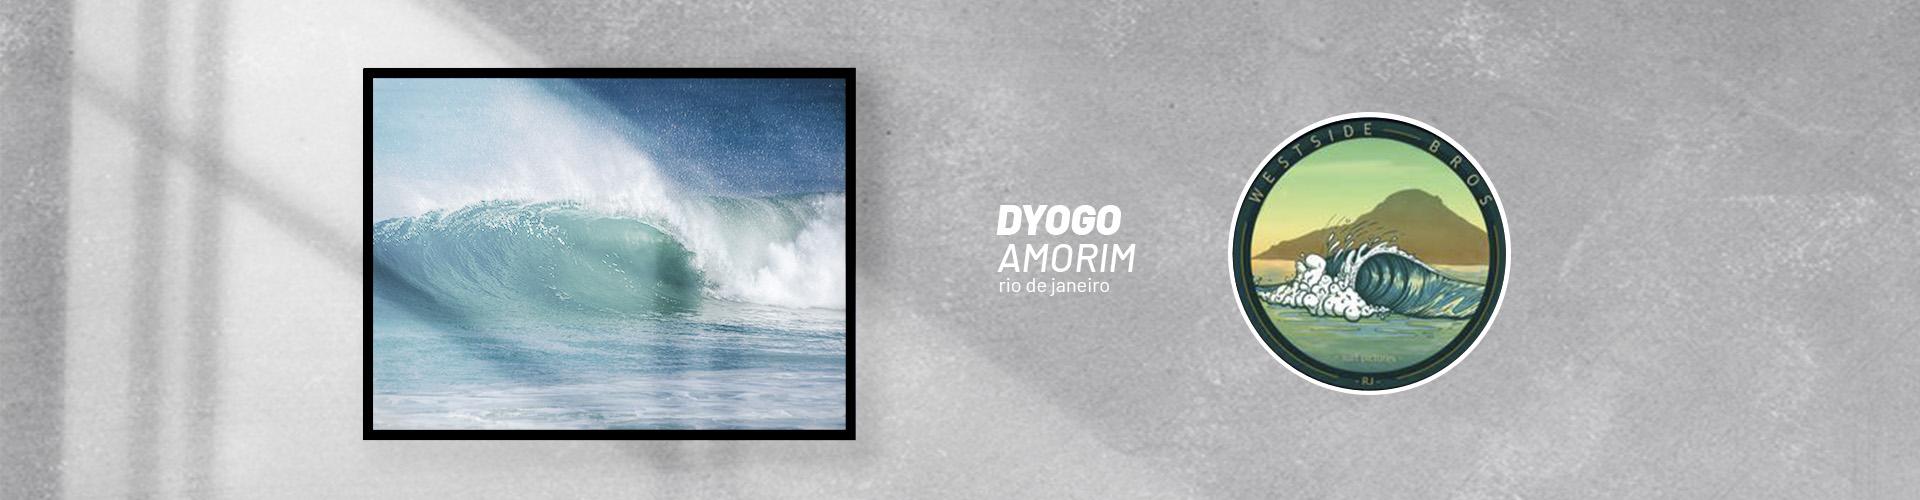 Página Artista | Dyogo Amorim